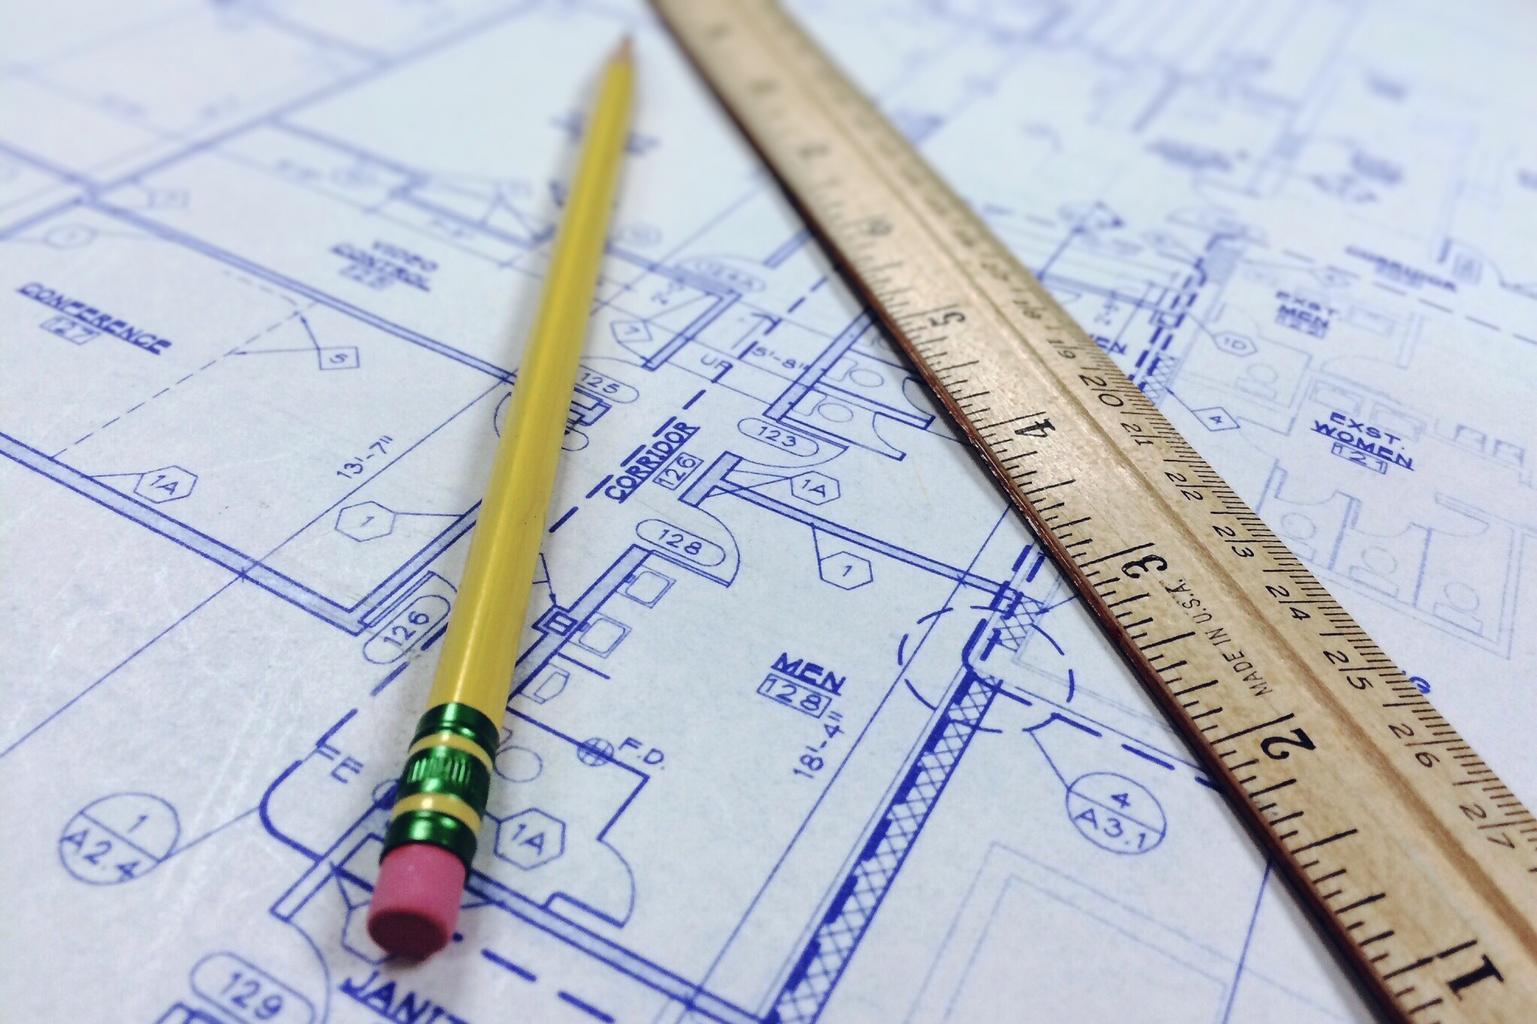 plán, ceruza, pravítko